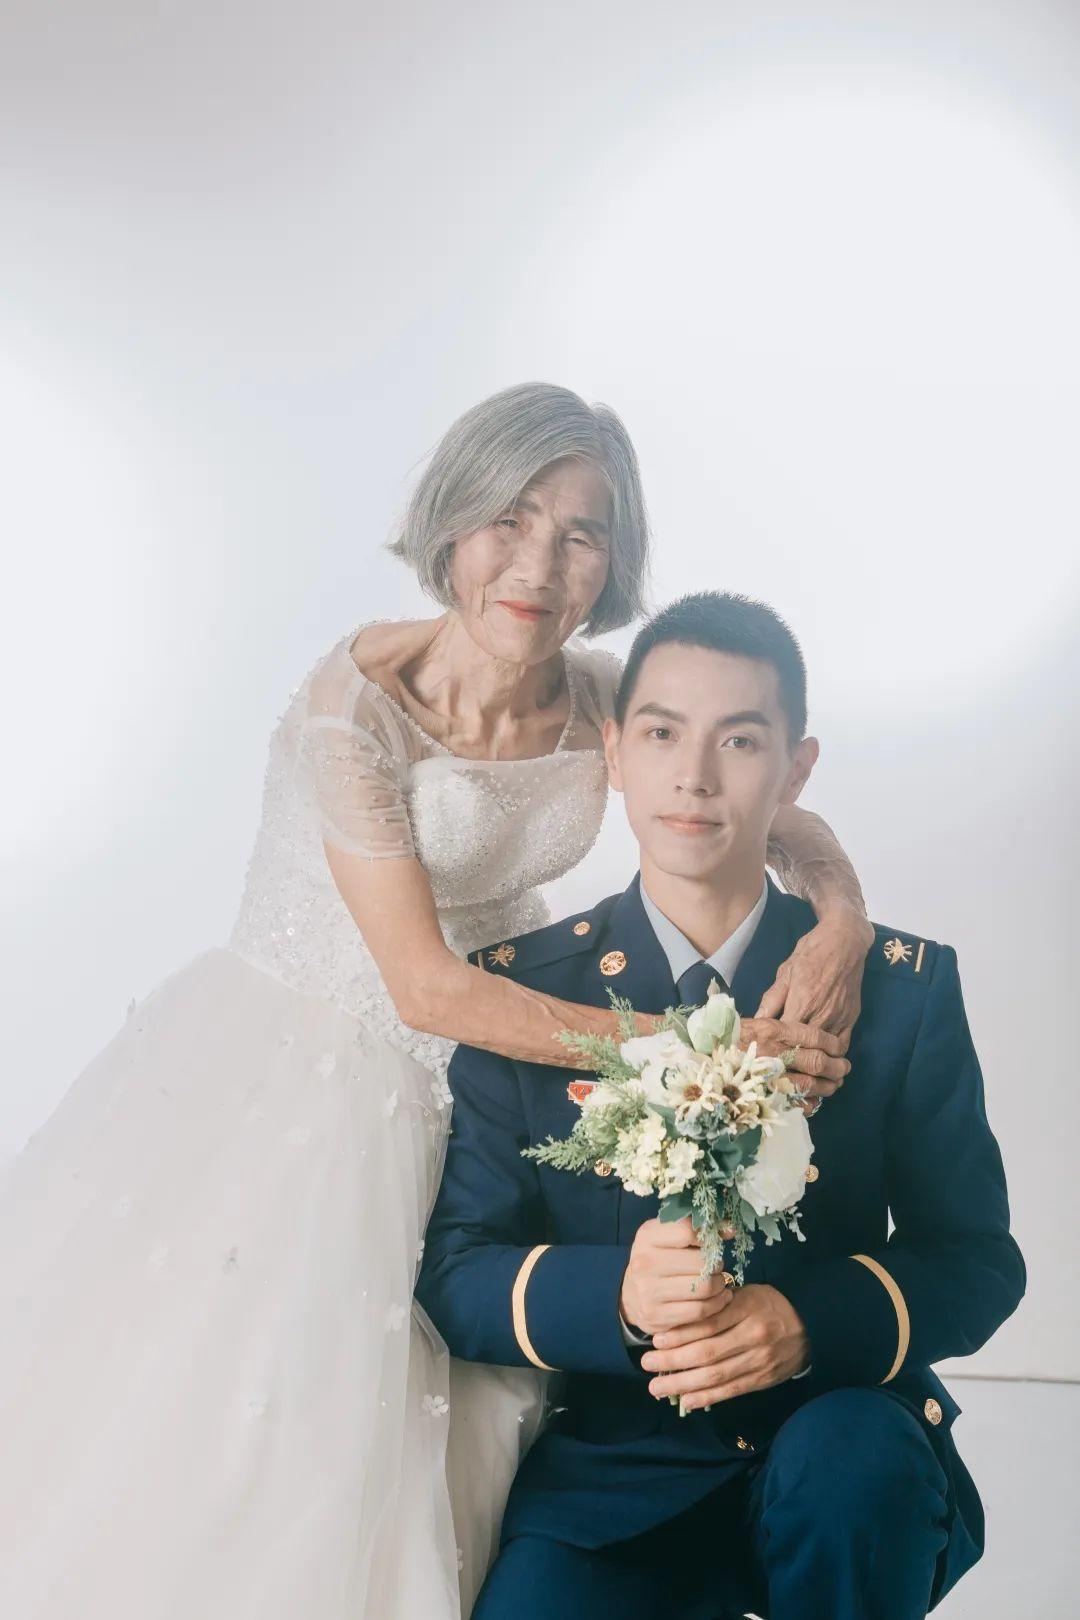 相差61岁,这张婚纱照刷屏了!